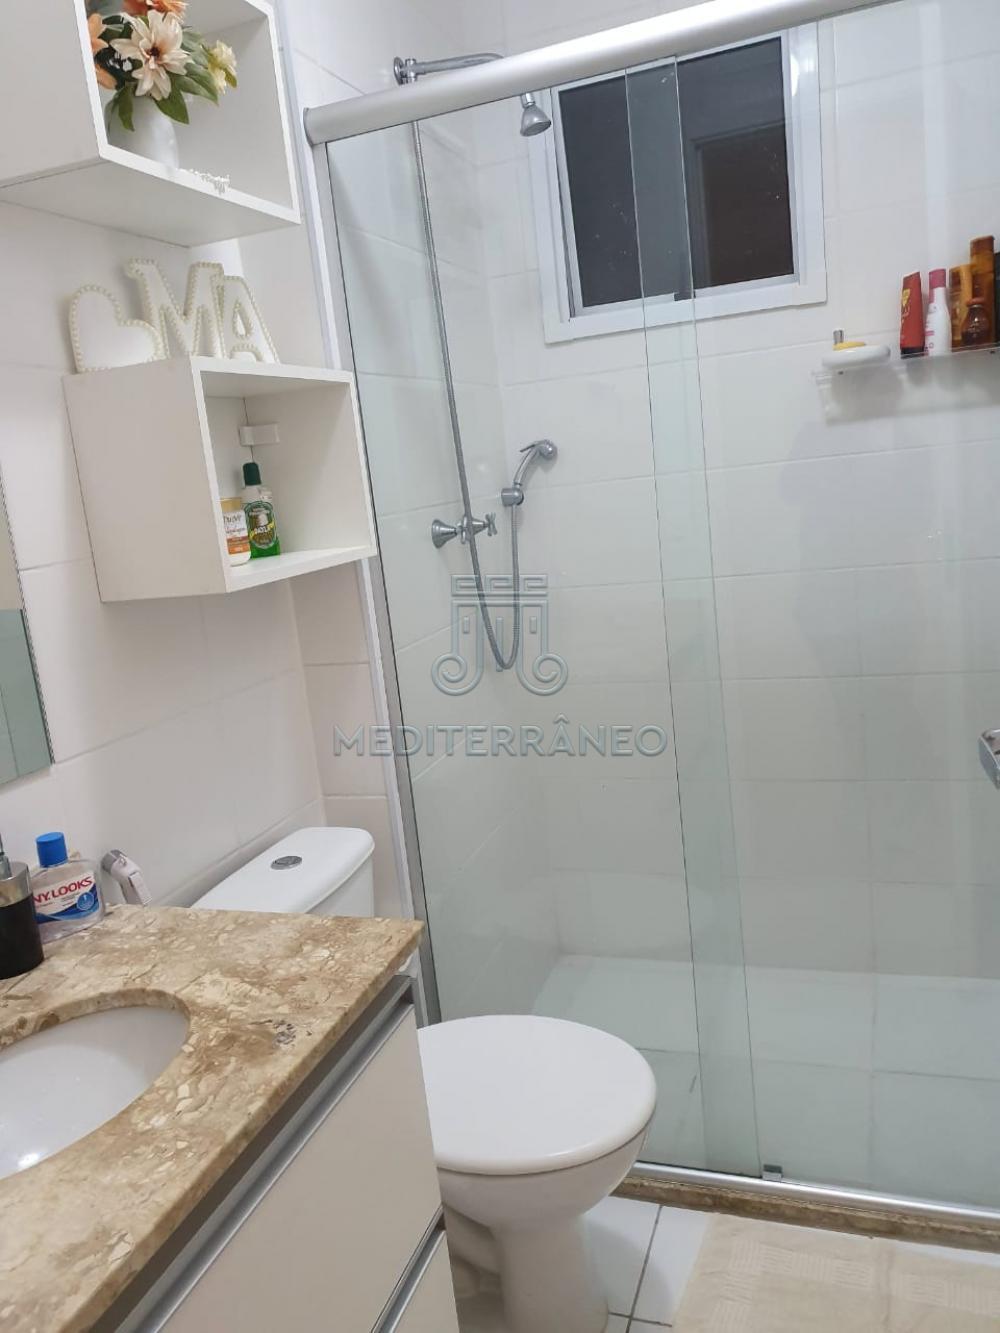 Comprar Apartamento / Padrão em Jundiaí apenas R$ 350.000,00 - Foto 12